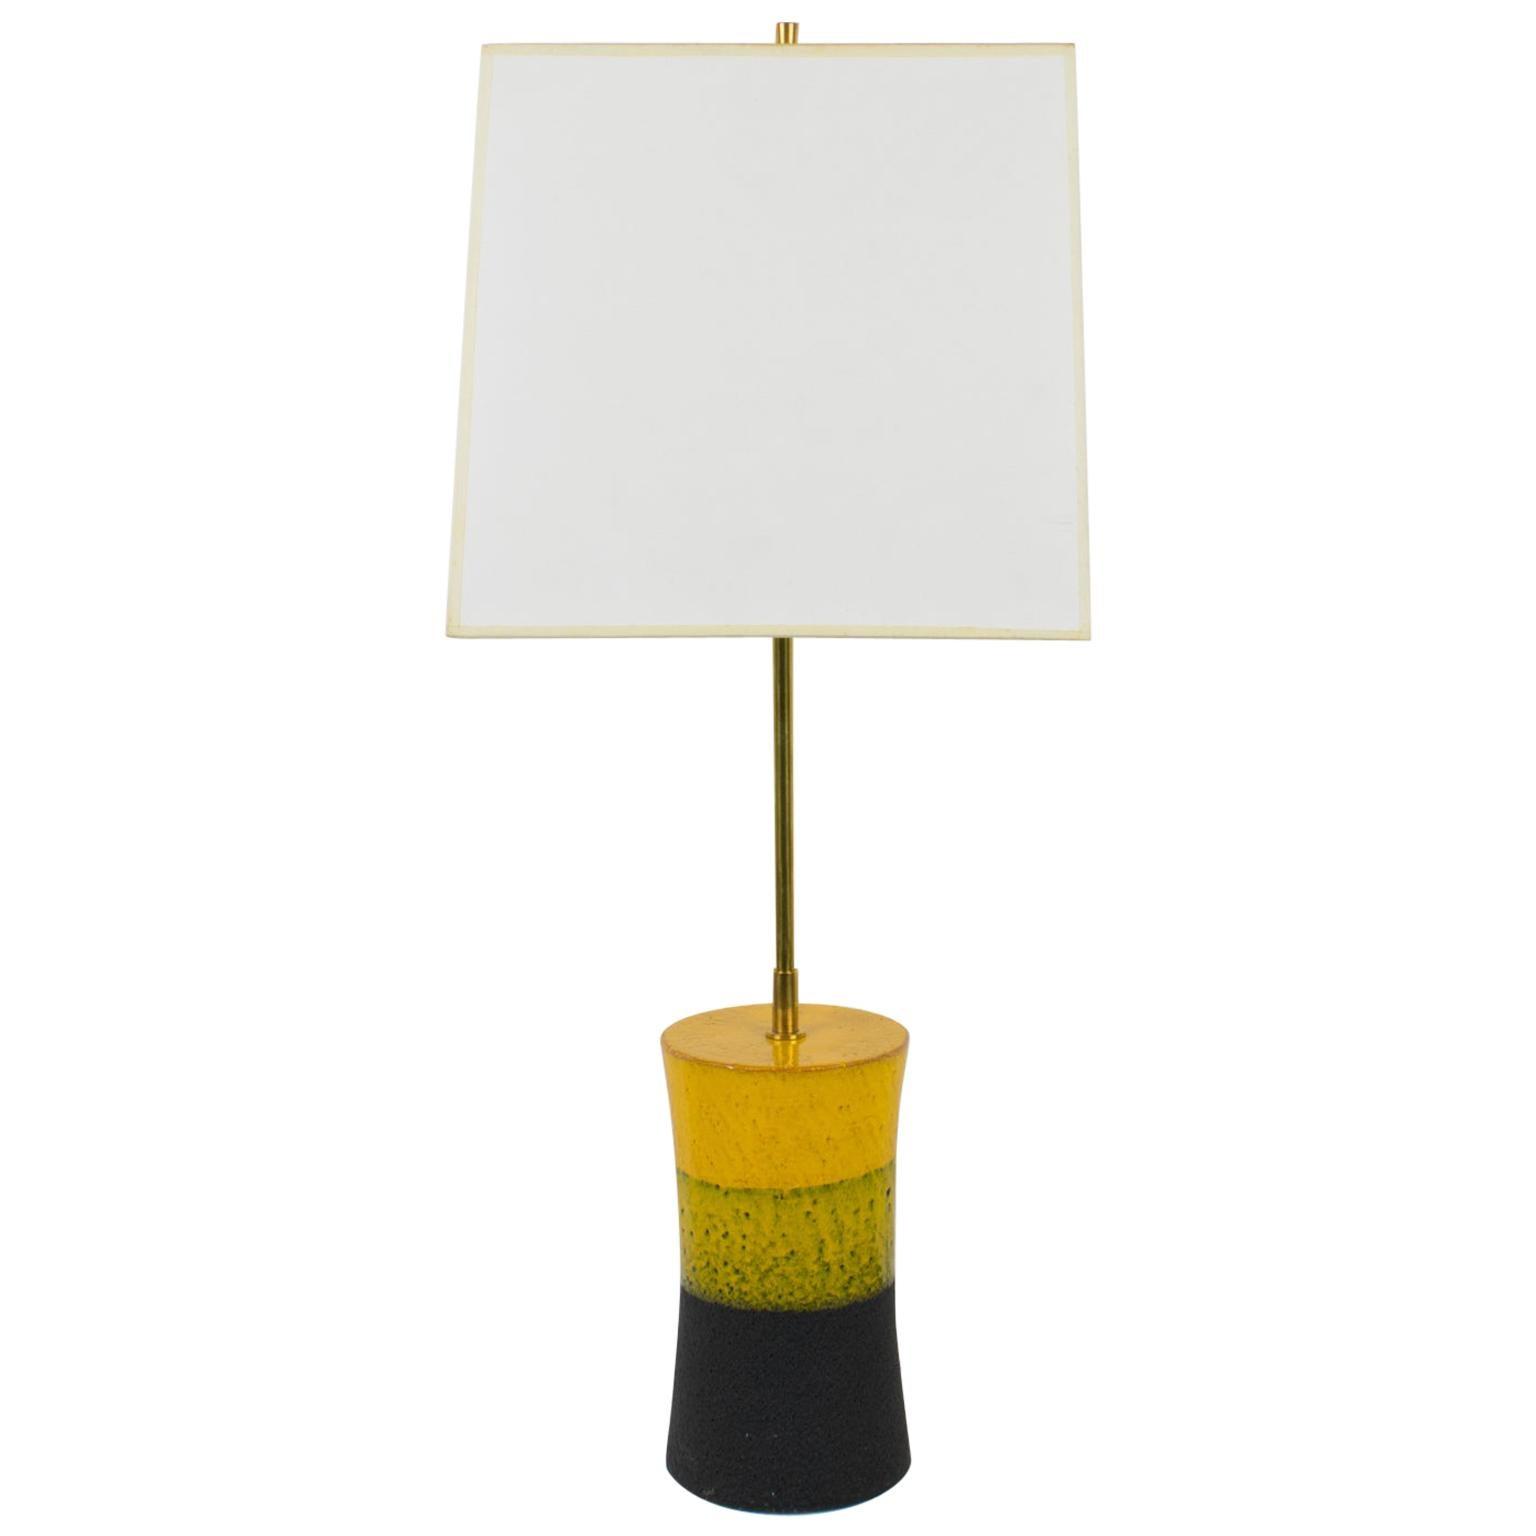 Aldo Londi for Bitossi Italy 1960s Ceramic Table Lamp